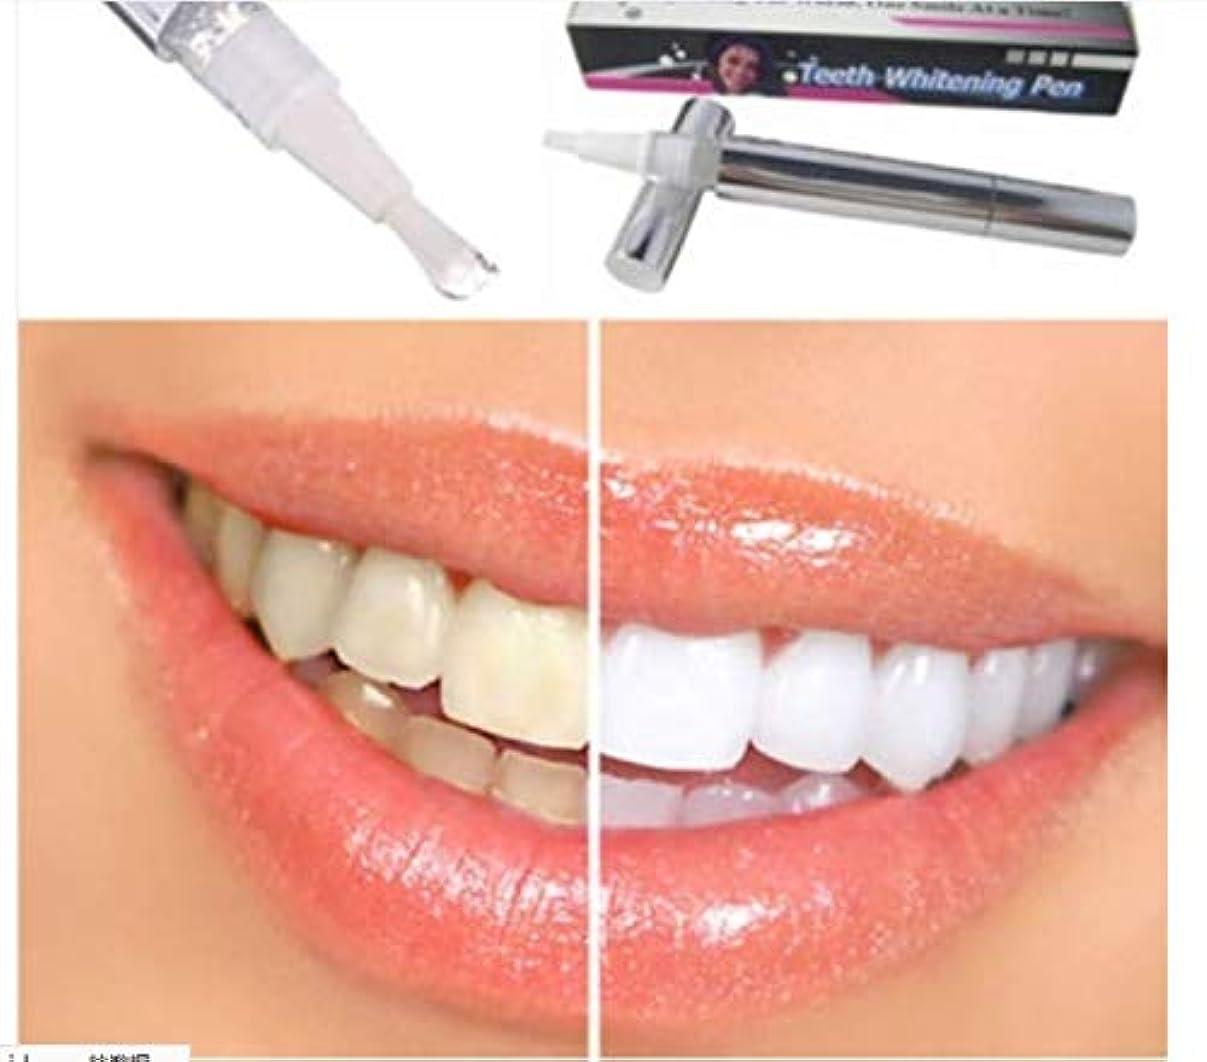 ガス食べる解釈ホワイトニングペン型真っ白な歯 ホワイトニングペン 歯の白い漂白剤 瞬間汚れ消しゴムリムーバー